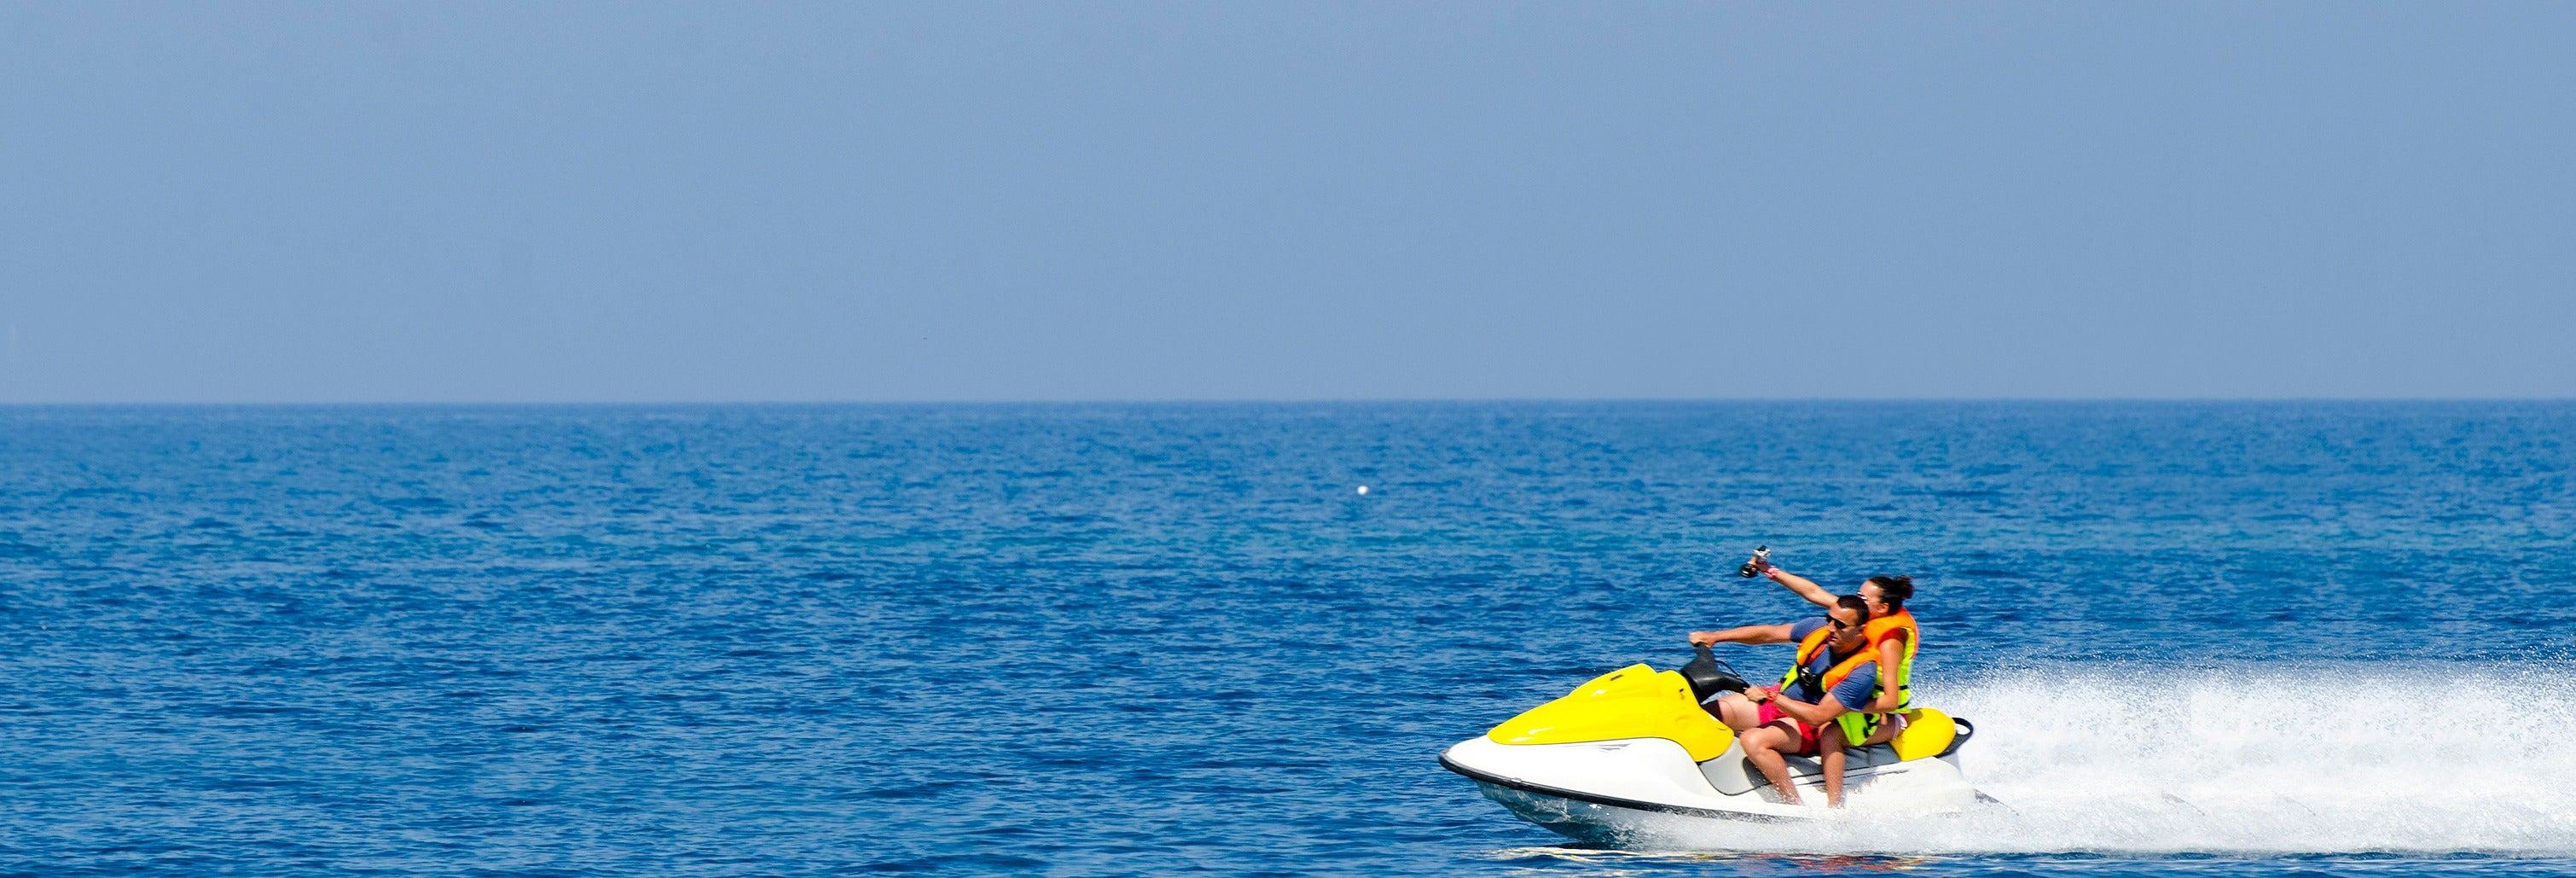 Tour di Benidorm in moto d'acqua